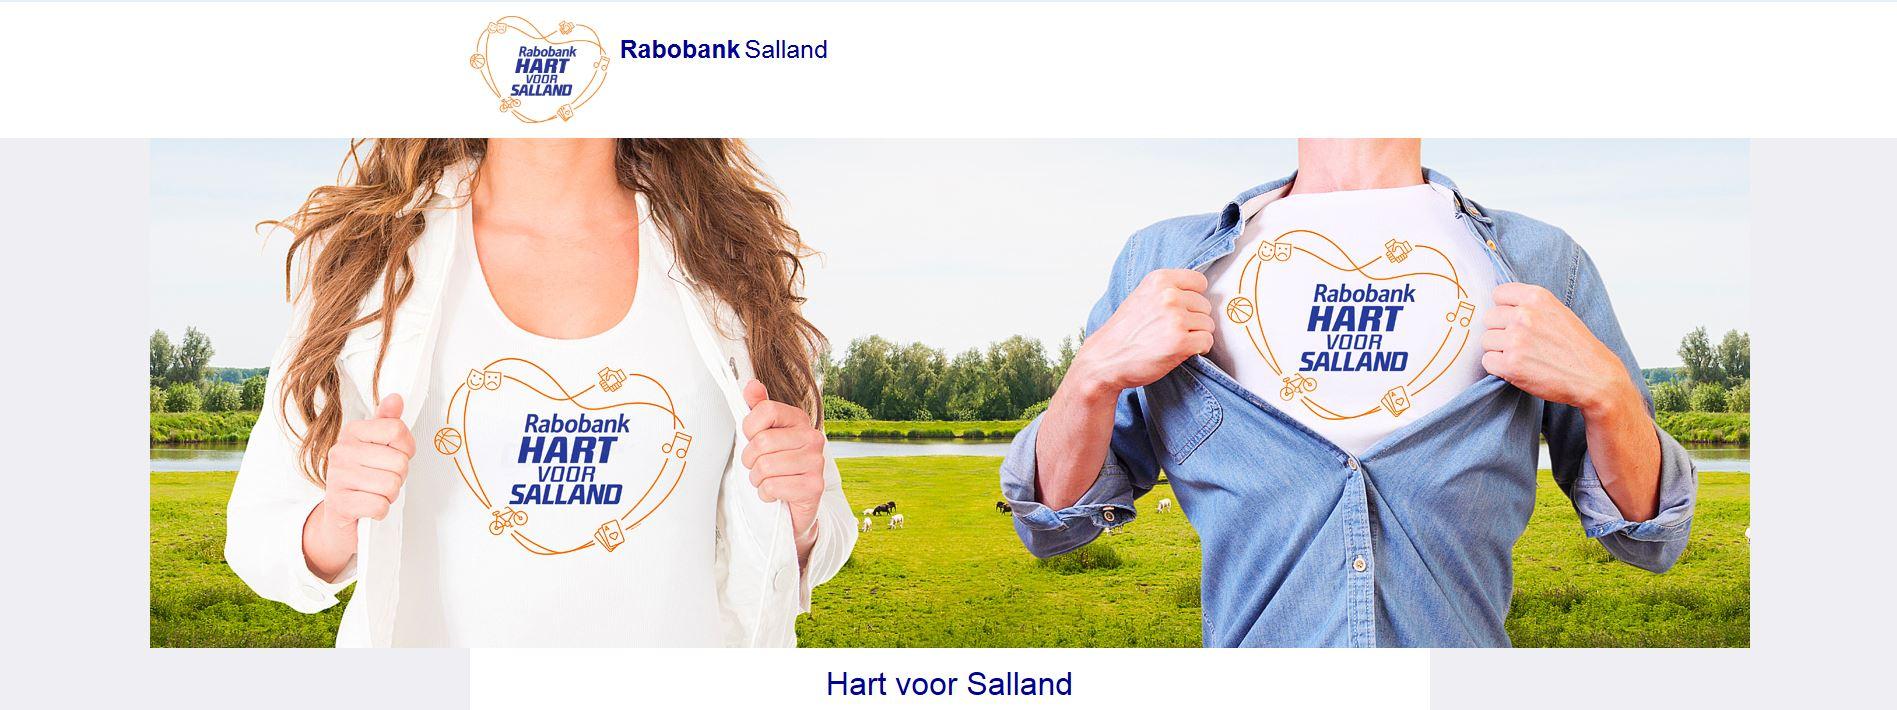 Hart voor Salland 2018